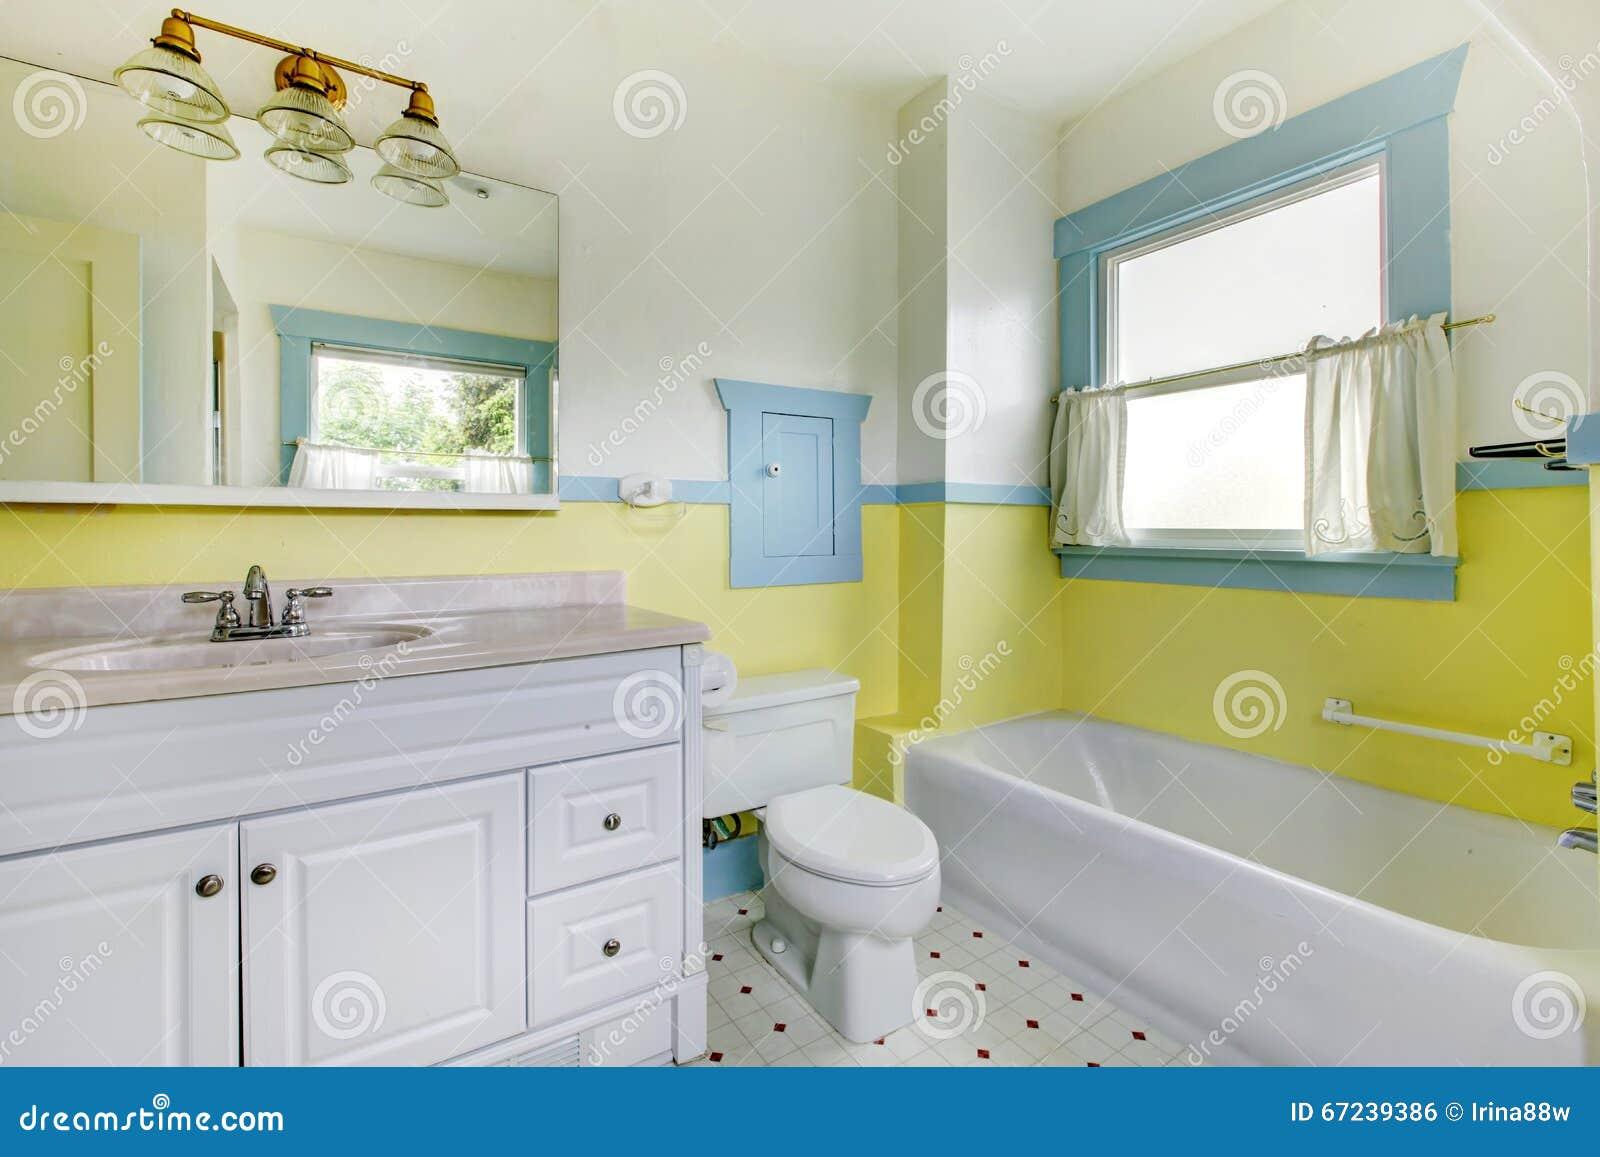 Gult och vitt badrum med ett fönster royaltyfri fotografi   bild ...